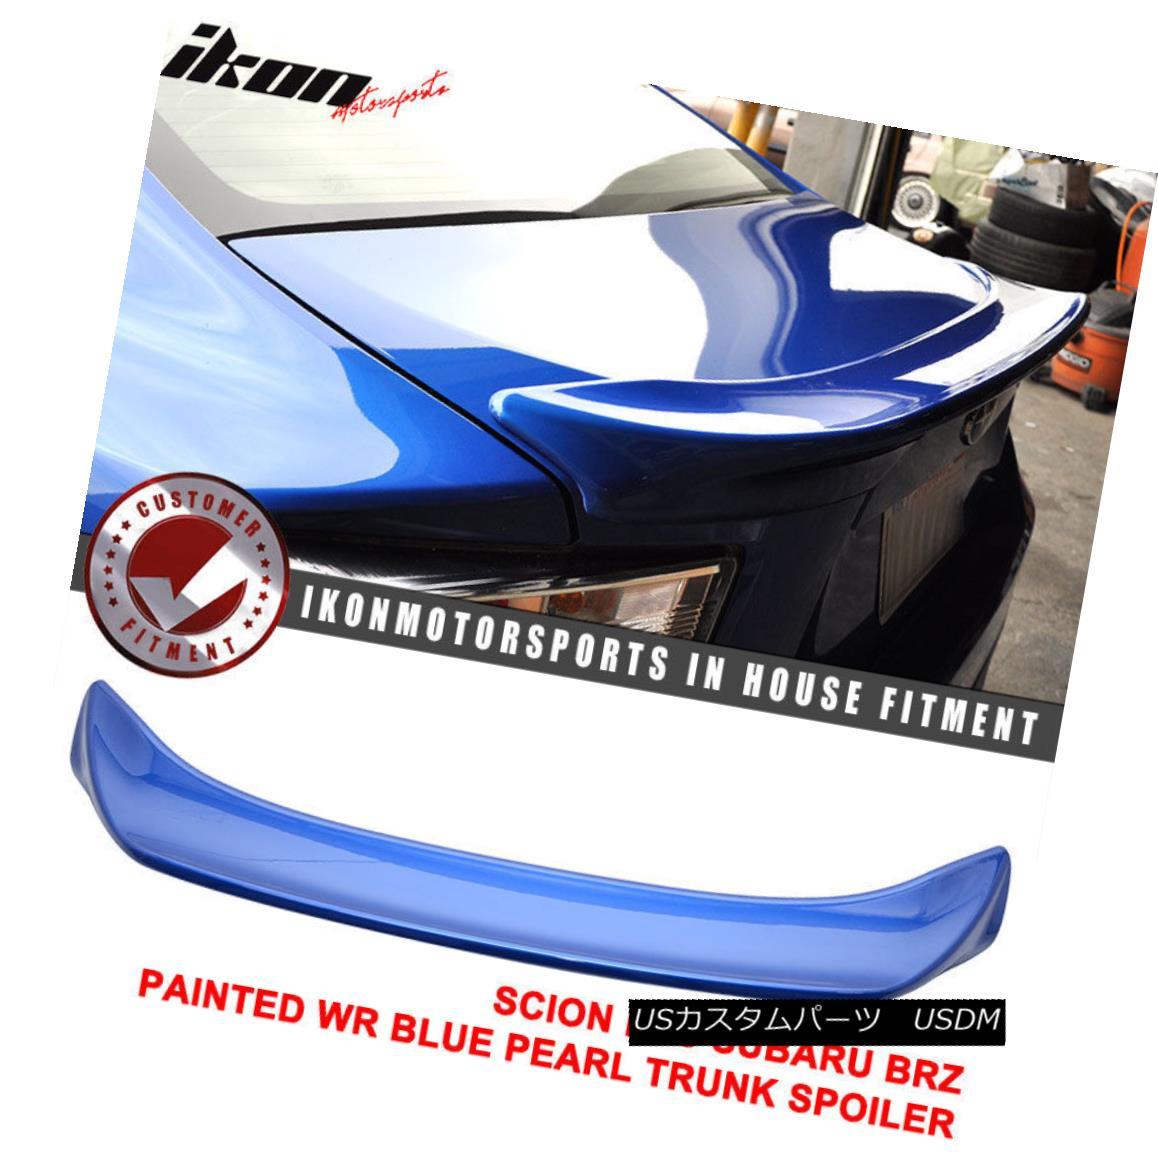 エアロパーツ Fit For 15-17 Subaru BRZ Trunk Spoiler ABS Painted Wr Blue Pearl TR #K7X 15-17スバル用BRZトランクスポイラーABS塗装WrブルーパールTR#K7X用